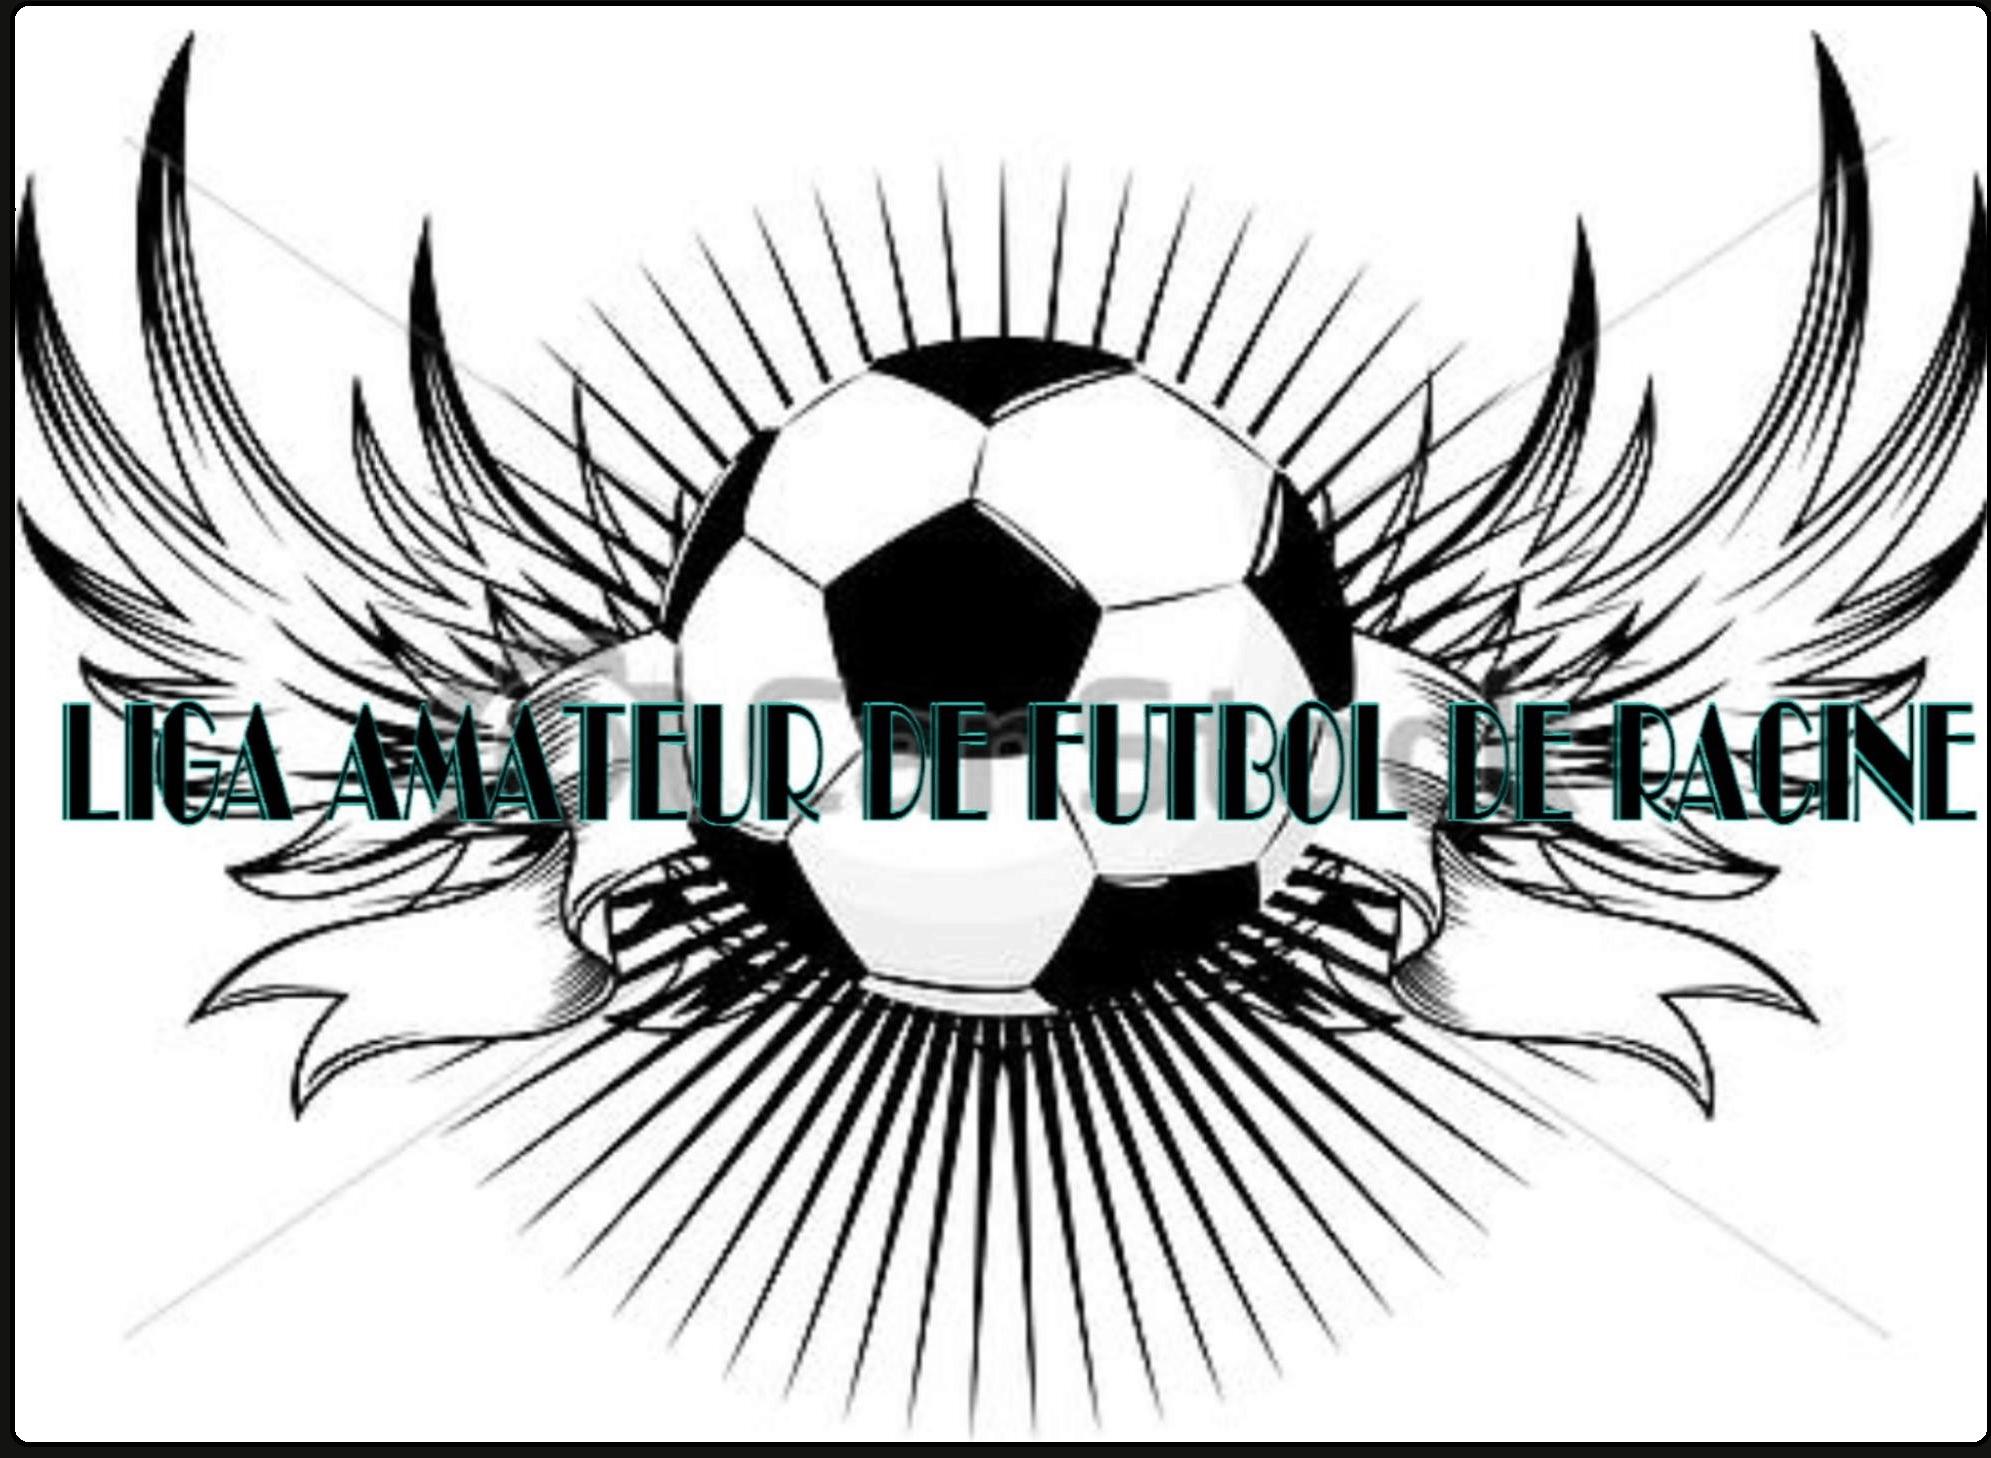 Liga Amateur de Futbol de Racine